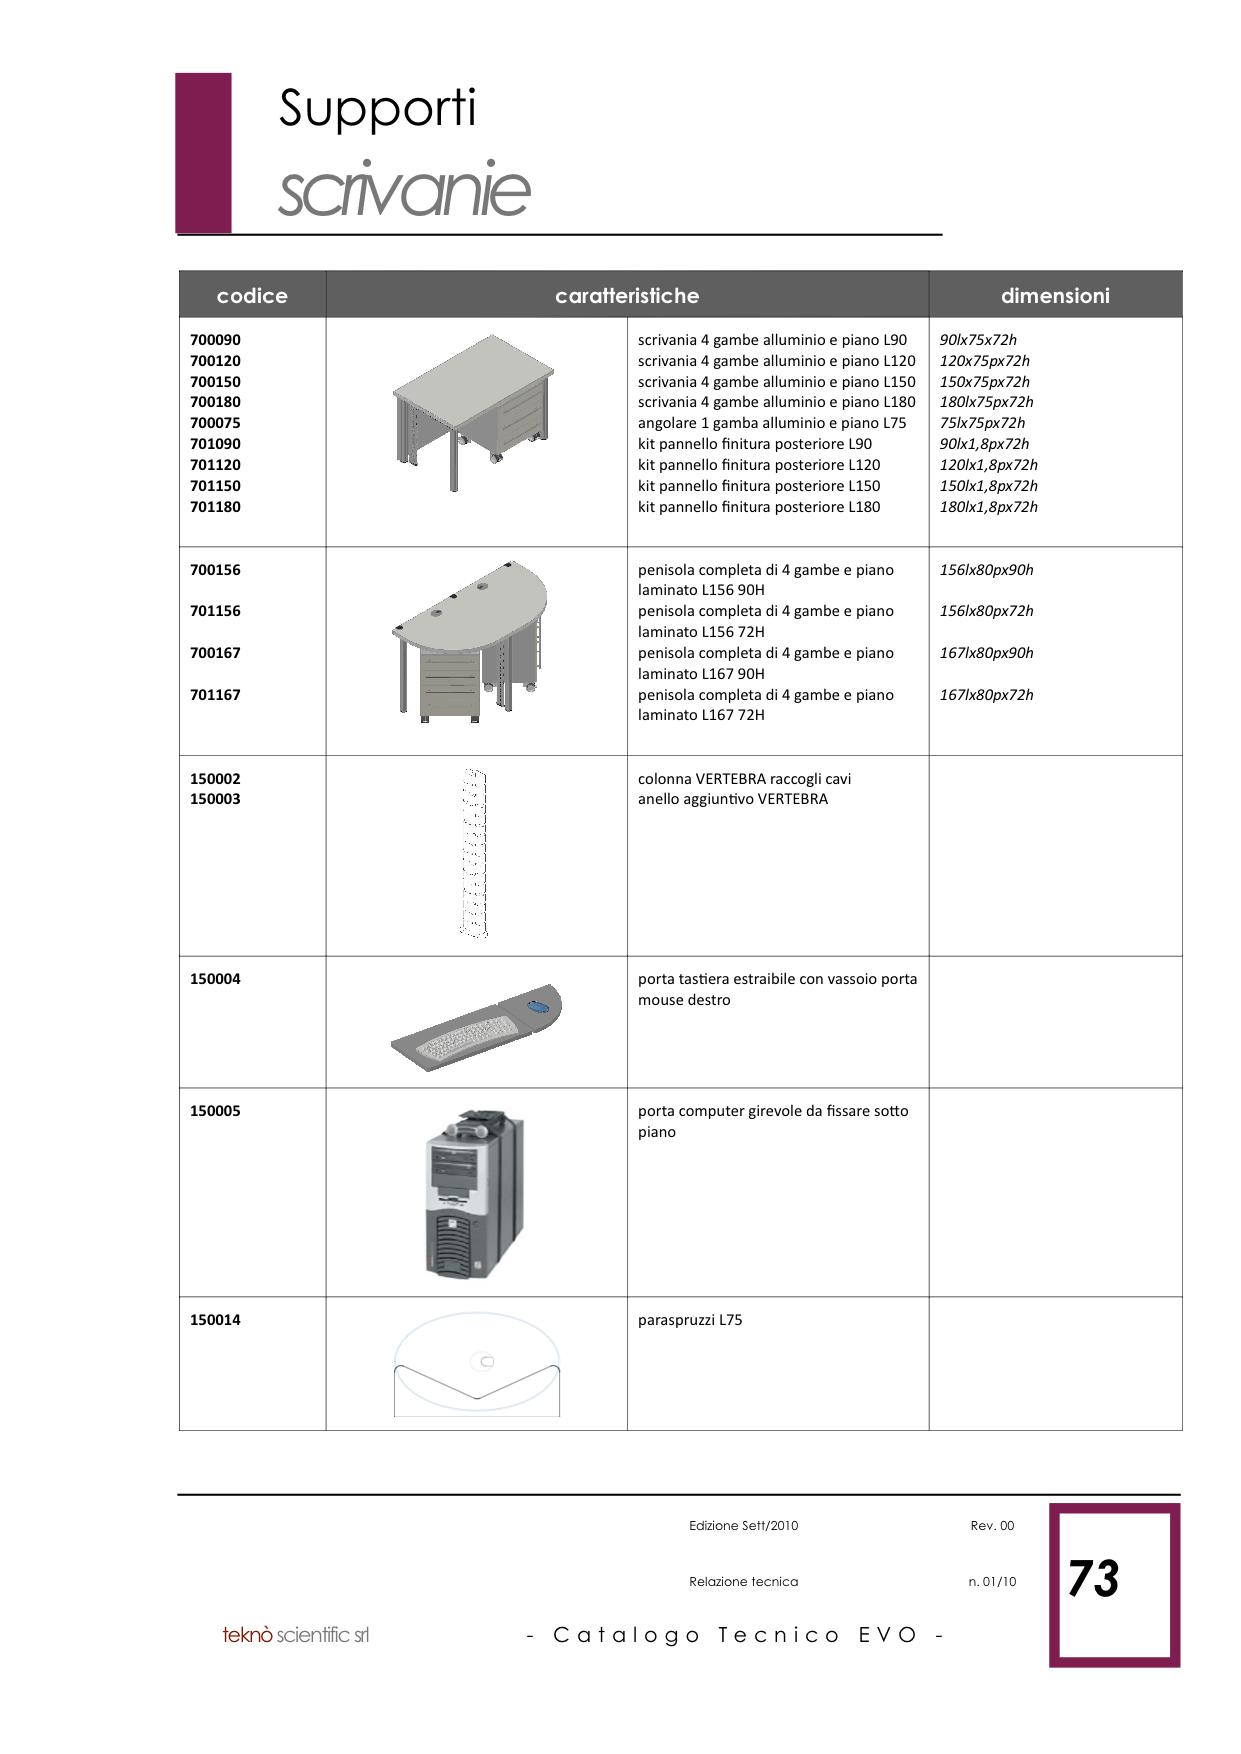 EVO Catalogo Tecnico Generale copia 73.png